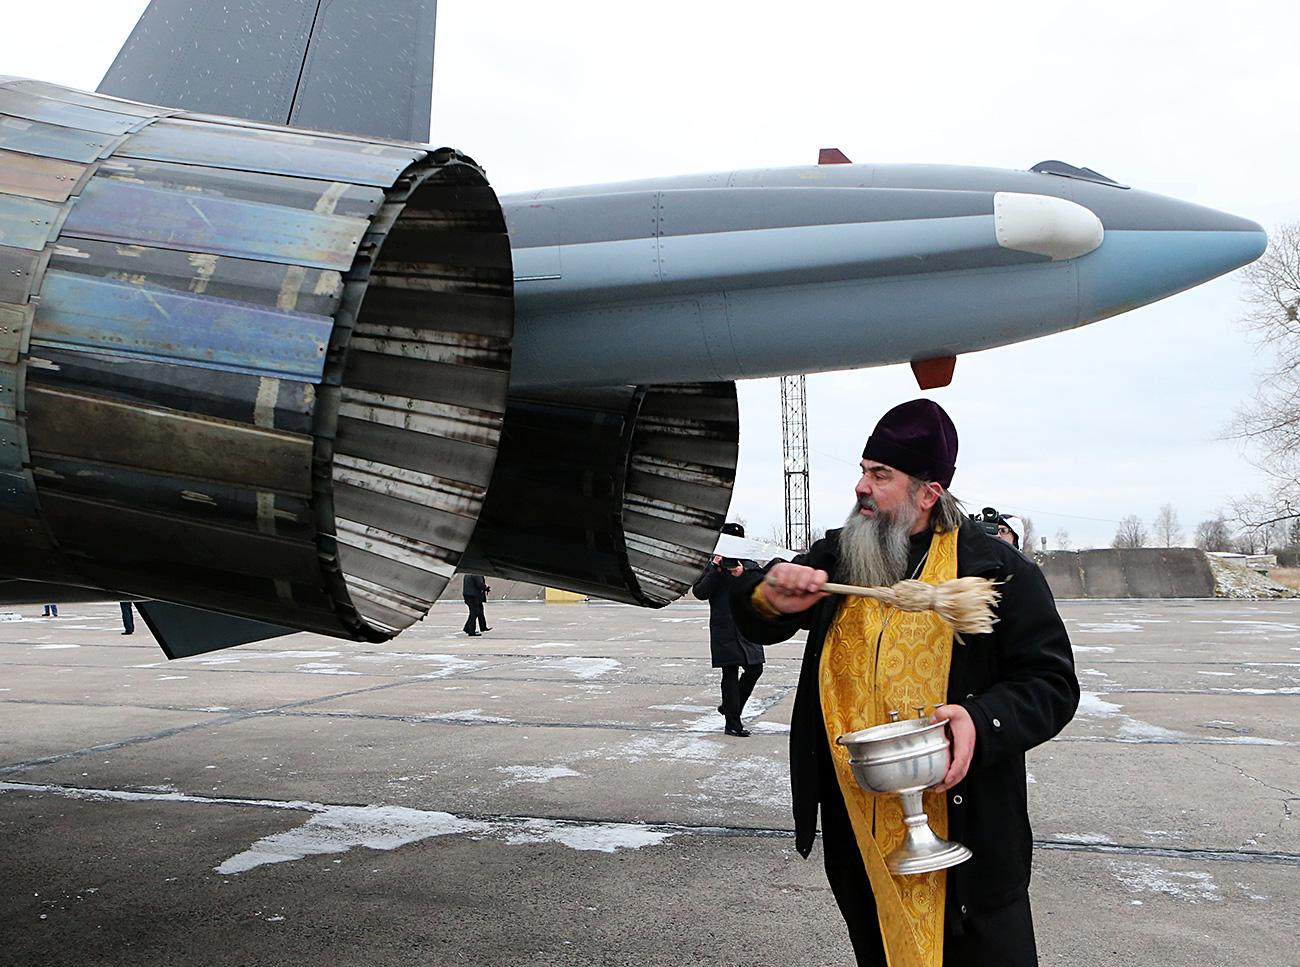 Cerimônia de santificação de caça multifuncional Sukhôi 30SM, antes de integrar a aviação naval da Frota do Báltico. Benção ocorreu em aeródromo de Tcherniakhovsk, na região de Kaliningrado (Foto: Ígor Zarembo/RIA Nôvosti